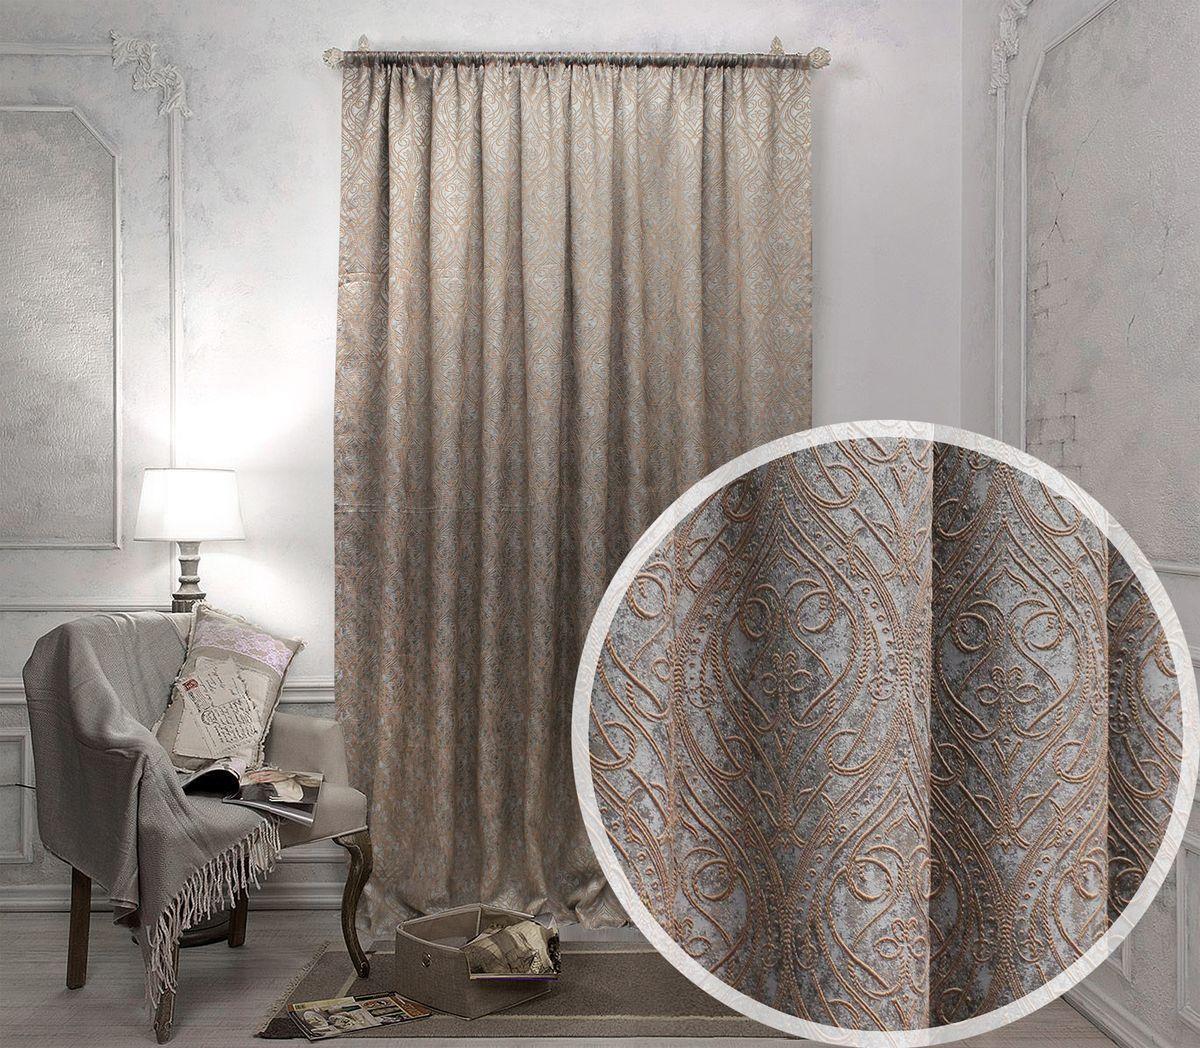 Портьера Amore Mio, на ленте, цвет: коричневый, высота 270 см. 10431043Жаккардовая портьера благородного шоколадного цвета с бежево-золотистым отливом. Полотно украшено абстрактным вензельным узором коричневого цвета, который как будто вышит поверх ткани. На ощупь портьера не слишком плотная, но не смотря на это прекрасно защищает от проникновения света и солнечных лучей. Штора подойдет как для спальни, так и для прочих комнат. Изделие на шторной ленте. Количество в упаковке - 1 шт. Размер 2,0x2,7 м.